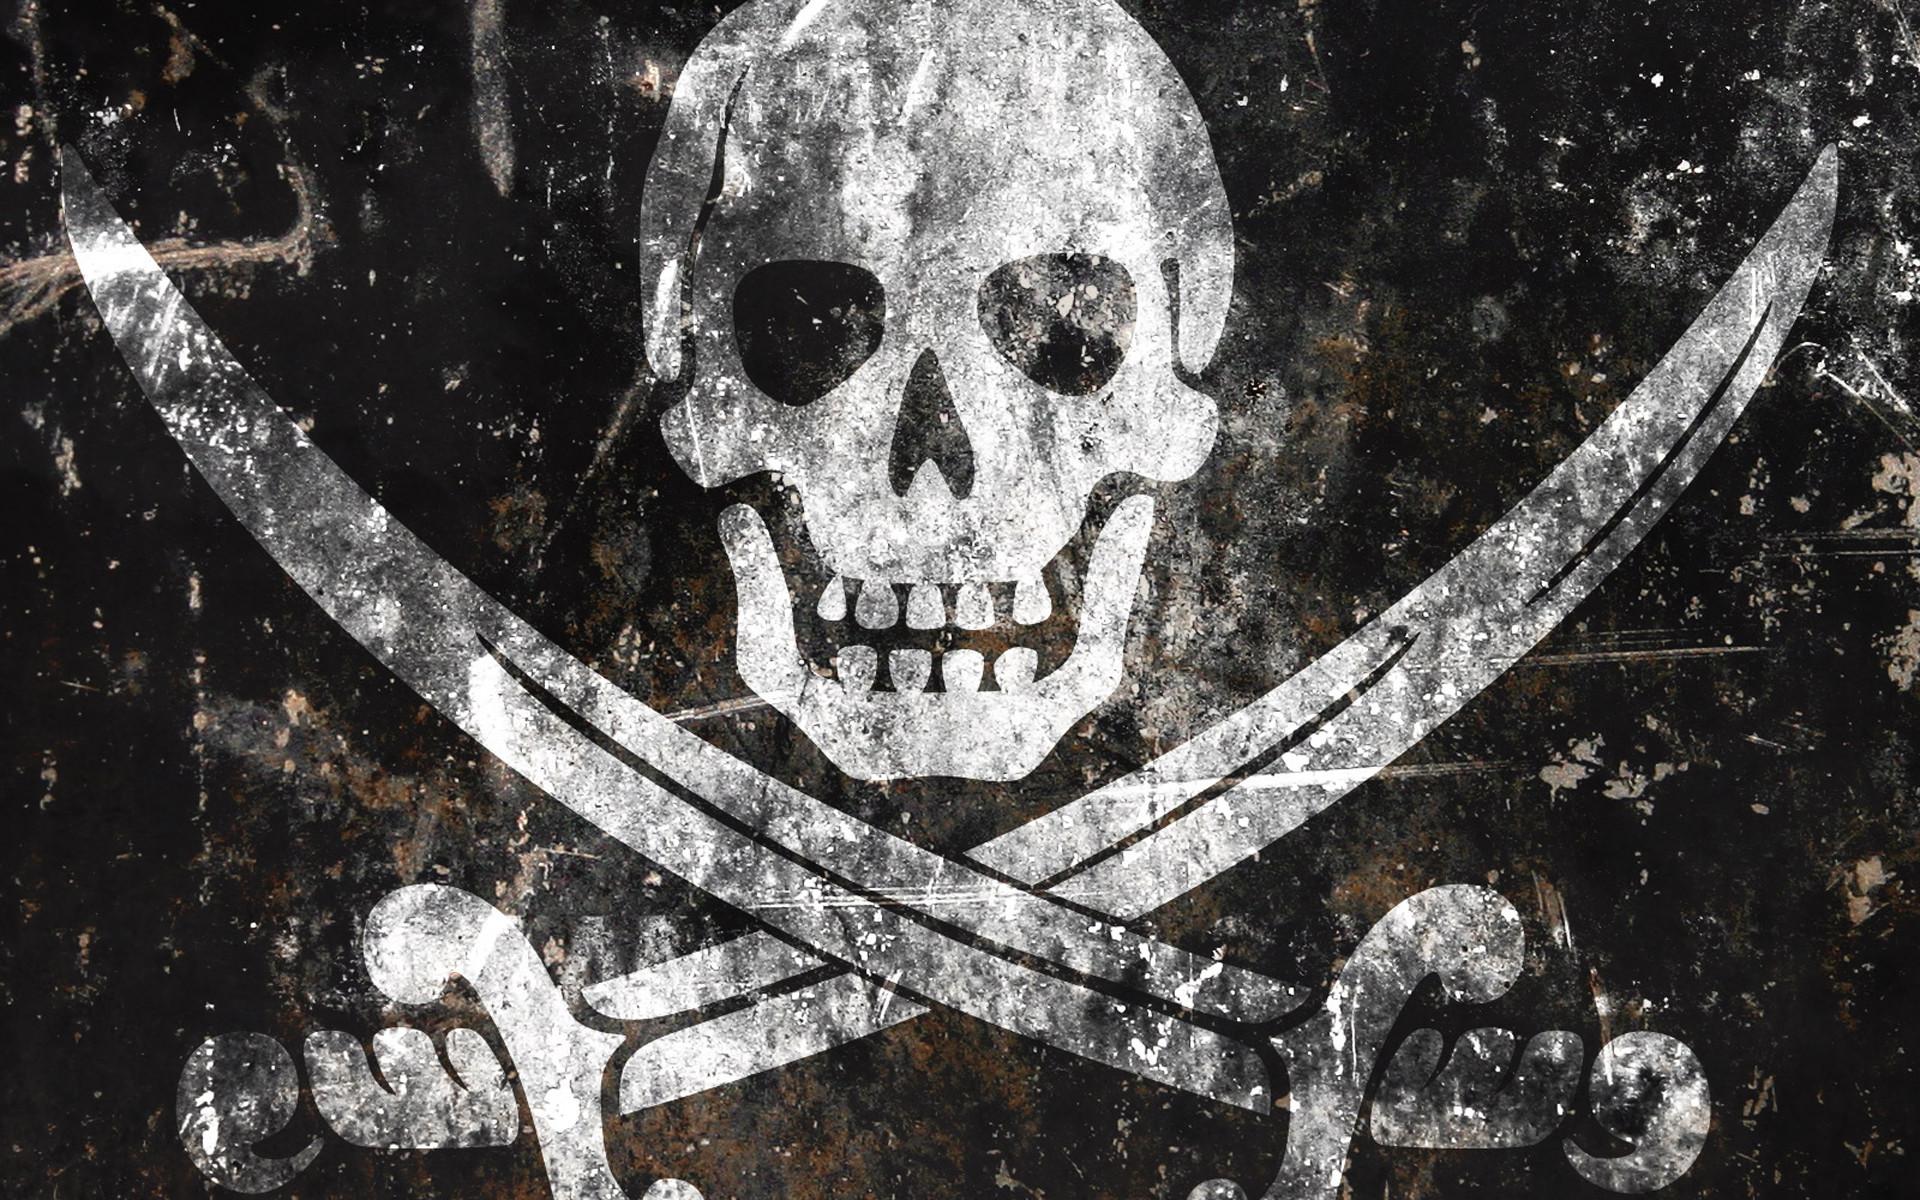 skull crossbones wallpaper (59+ images)